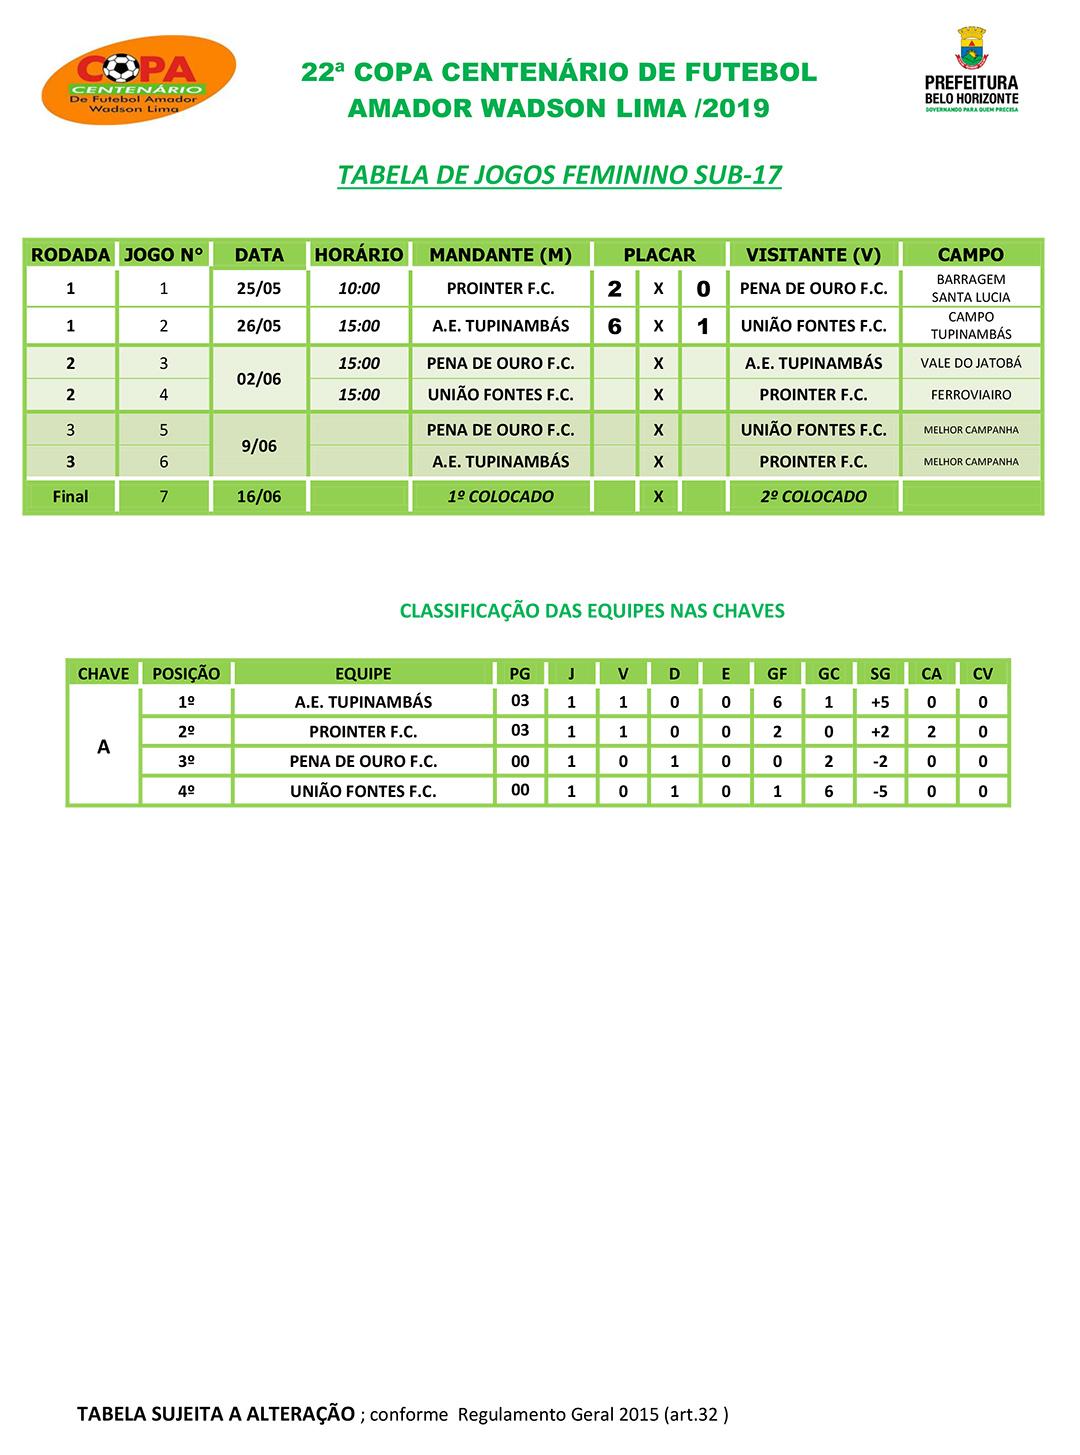 Tabela de jogos e classificação da Copa Centenário 2019 - Feminino Sub-17 - Fonte: SMEL/PBH